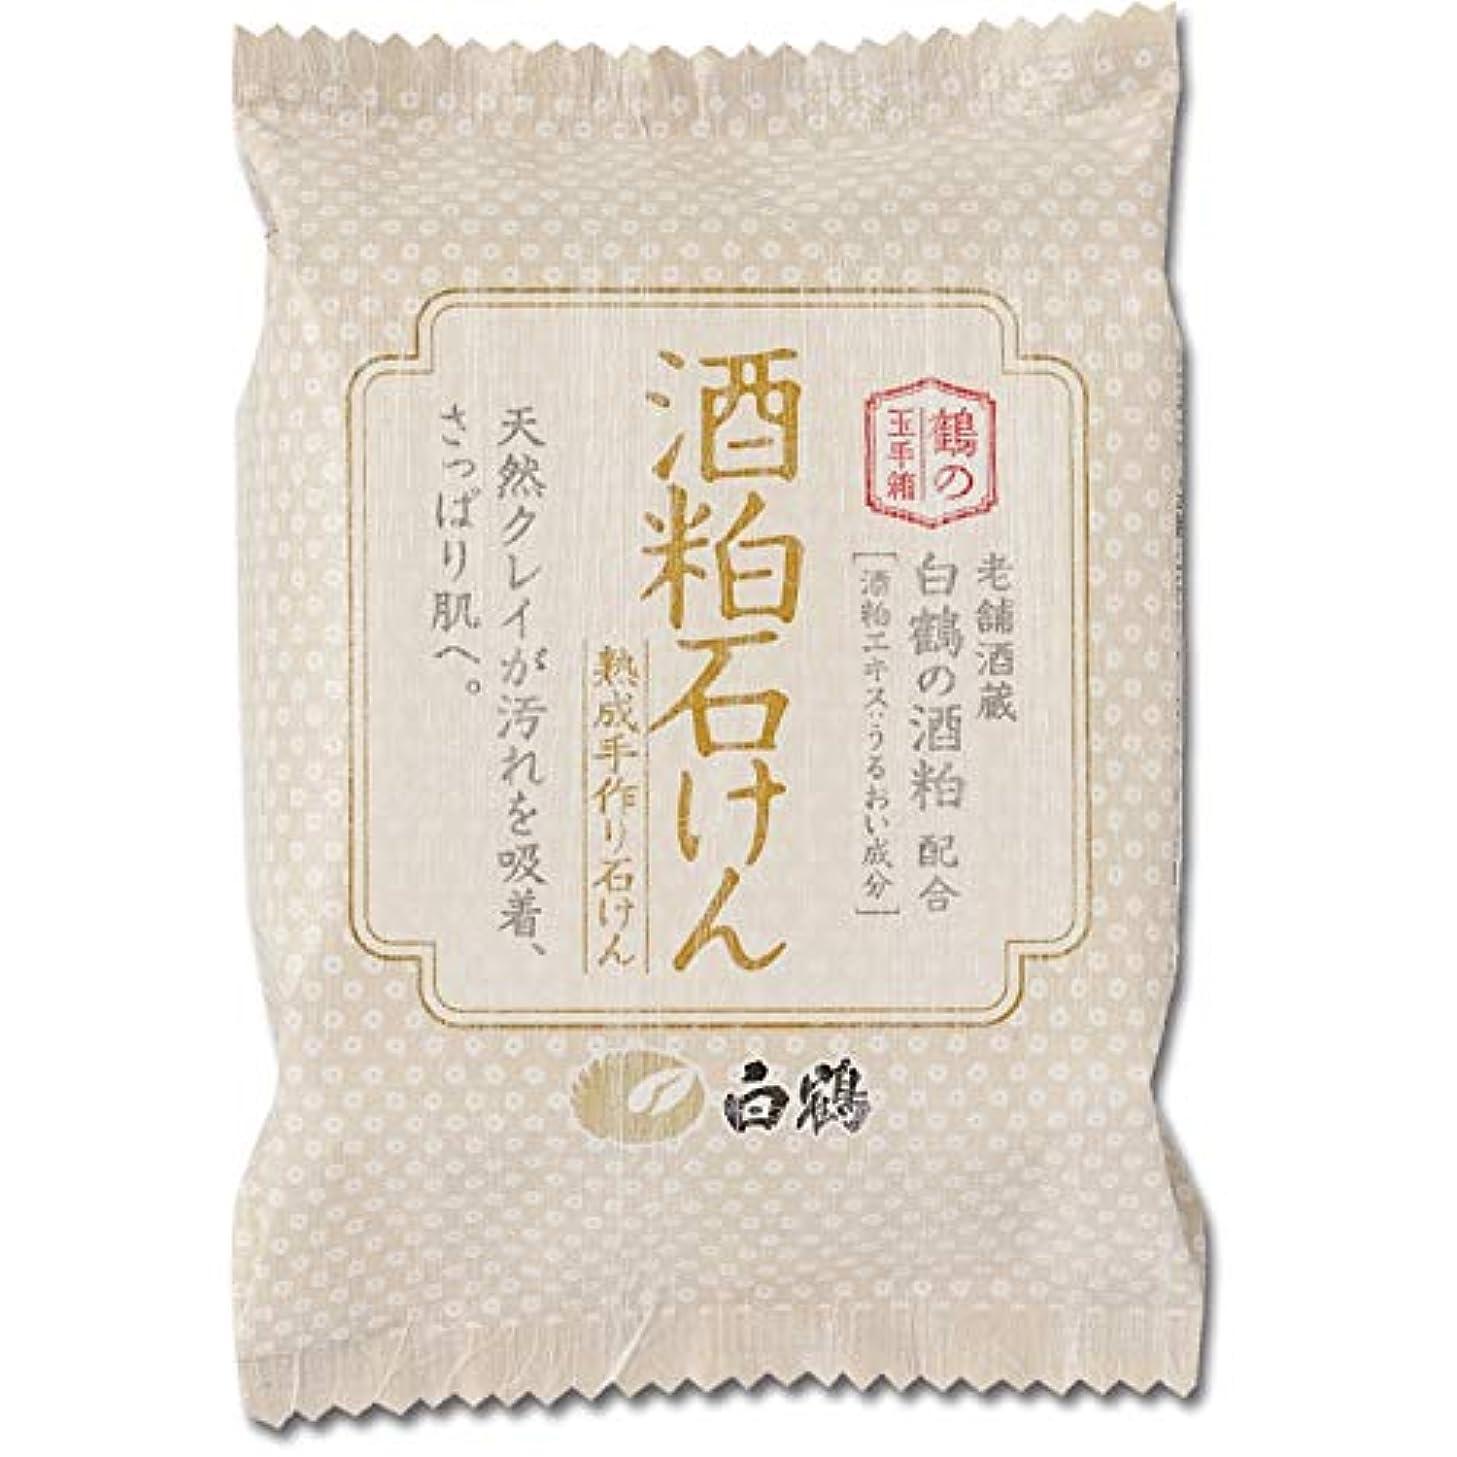 オークランド構造的緊張白鶴 鶴の玉手箱 酒粕石けん 100g (全身用石鹸)